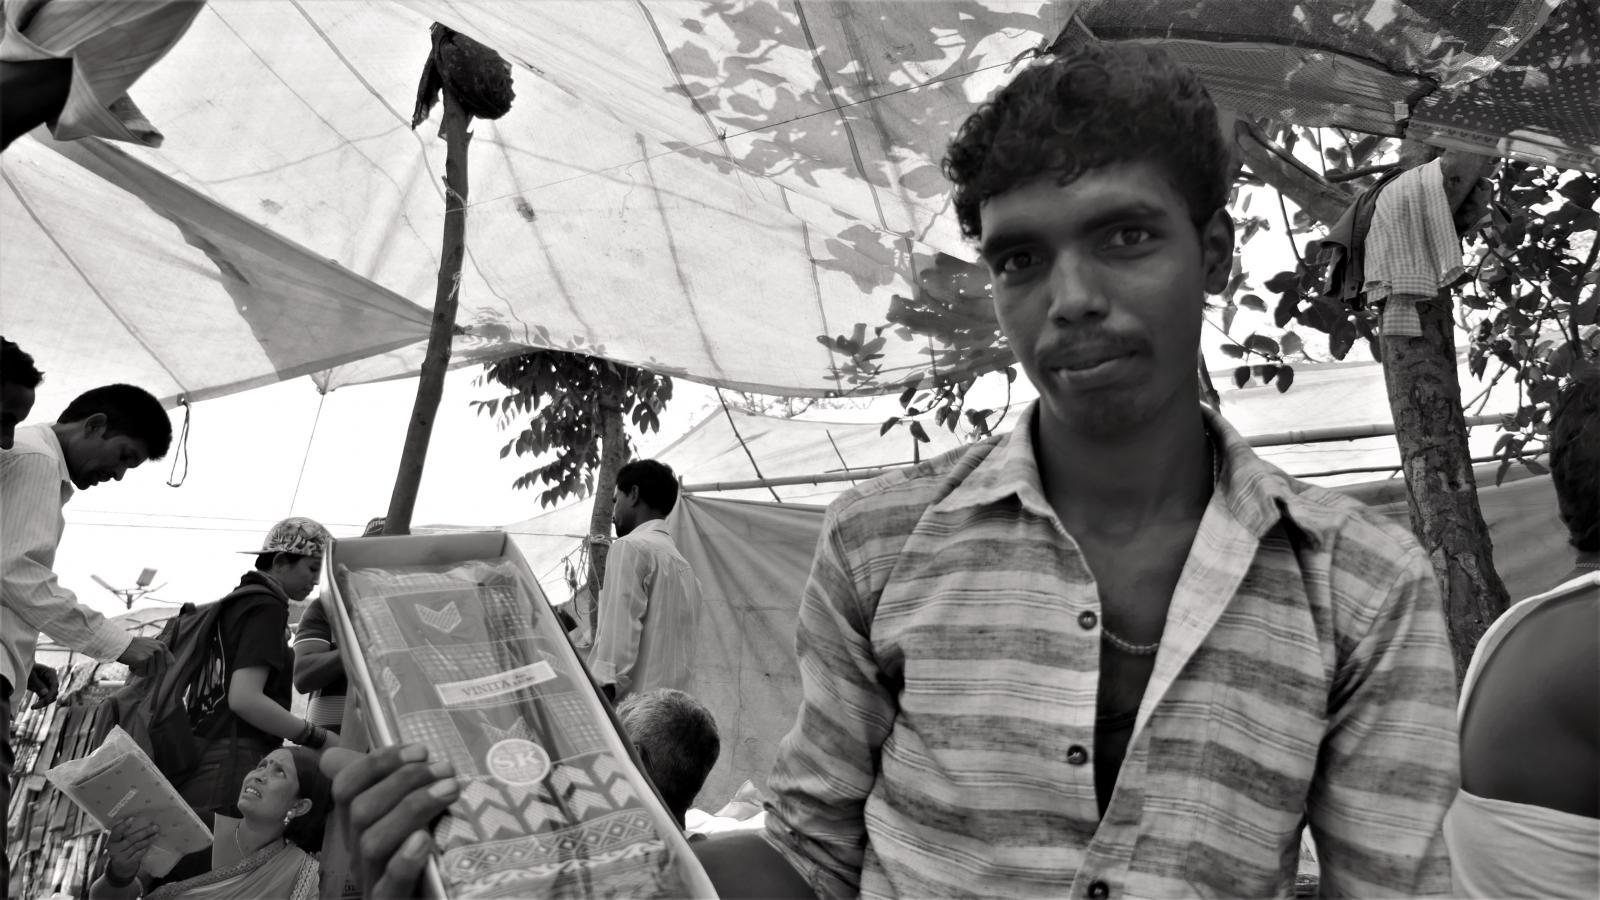 In-depth India ตอน ตามล่าน้ำศักดิ์สิทธิ์ ตอนที่ 2